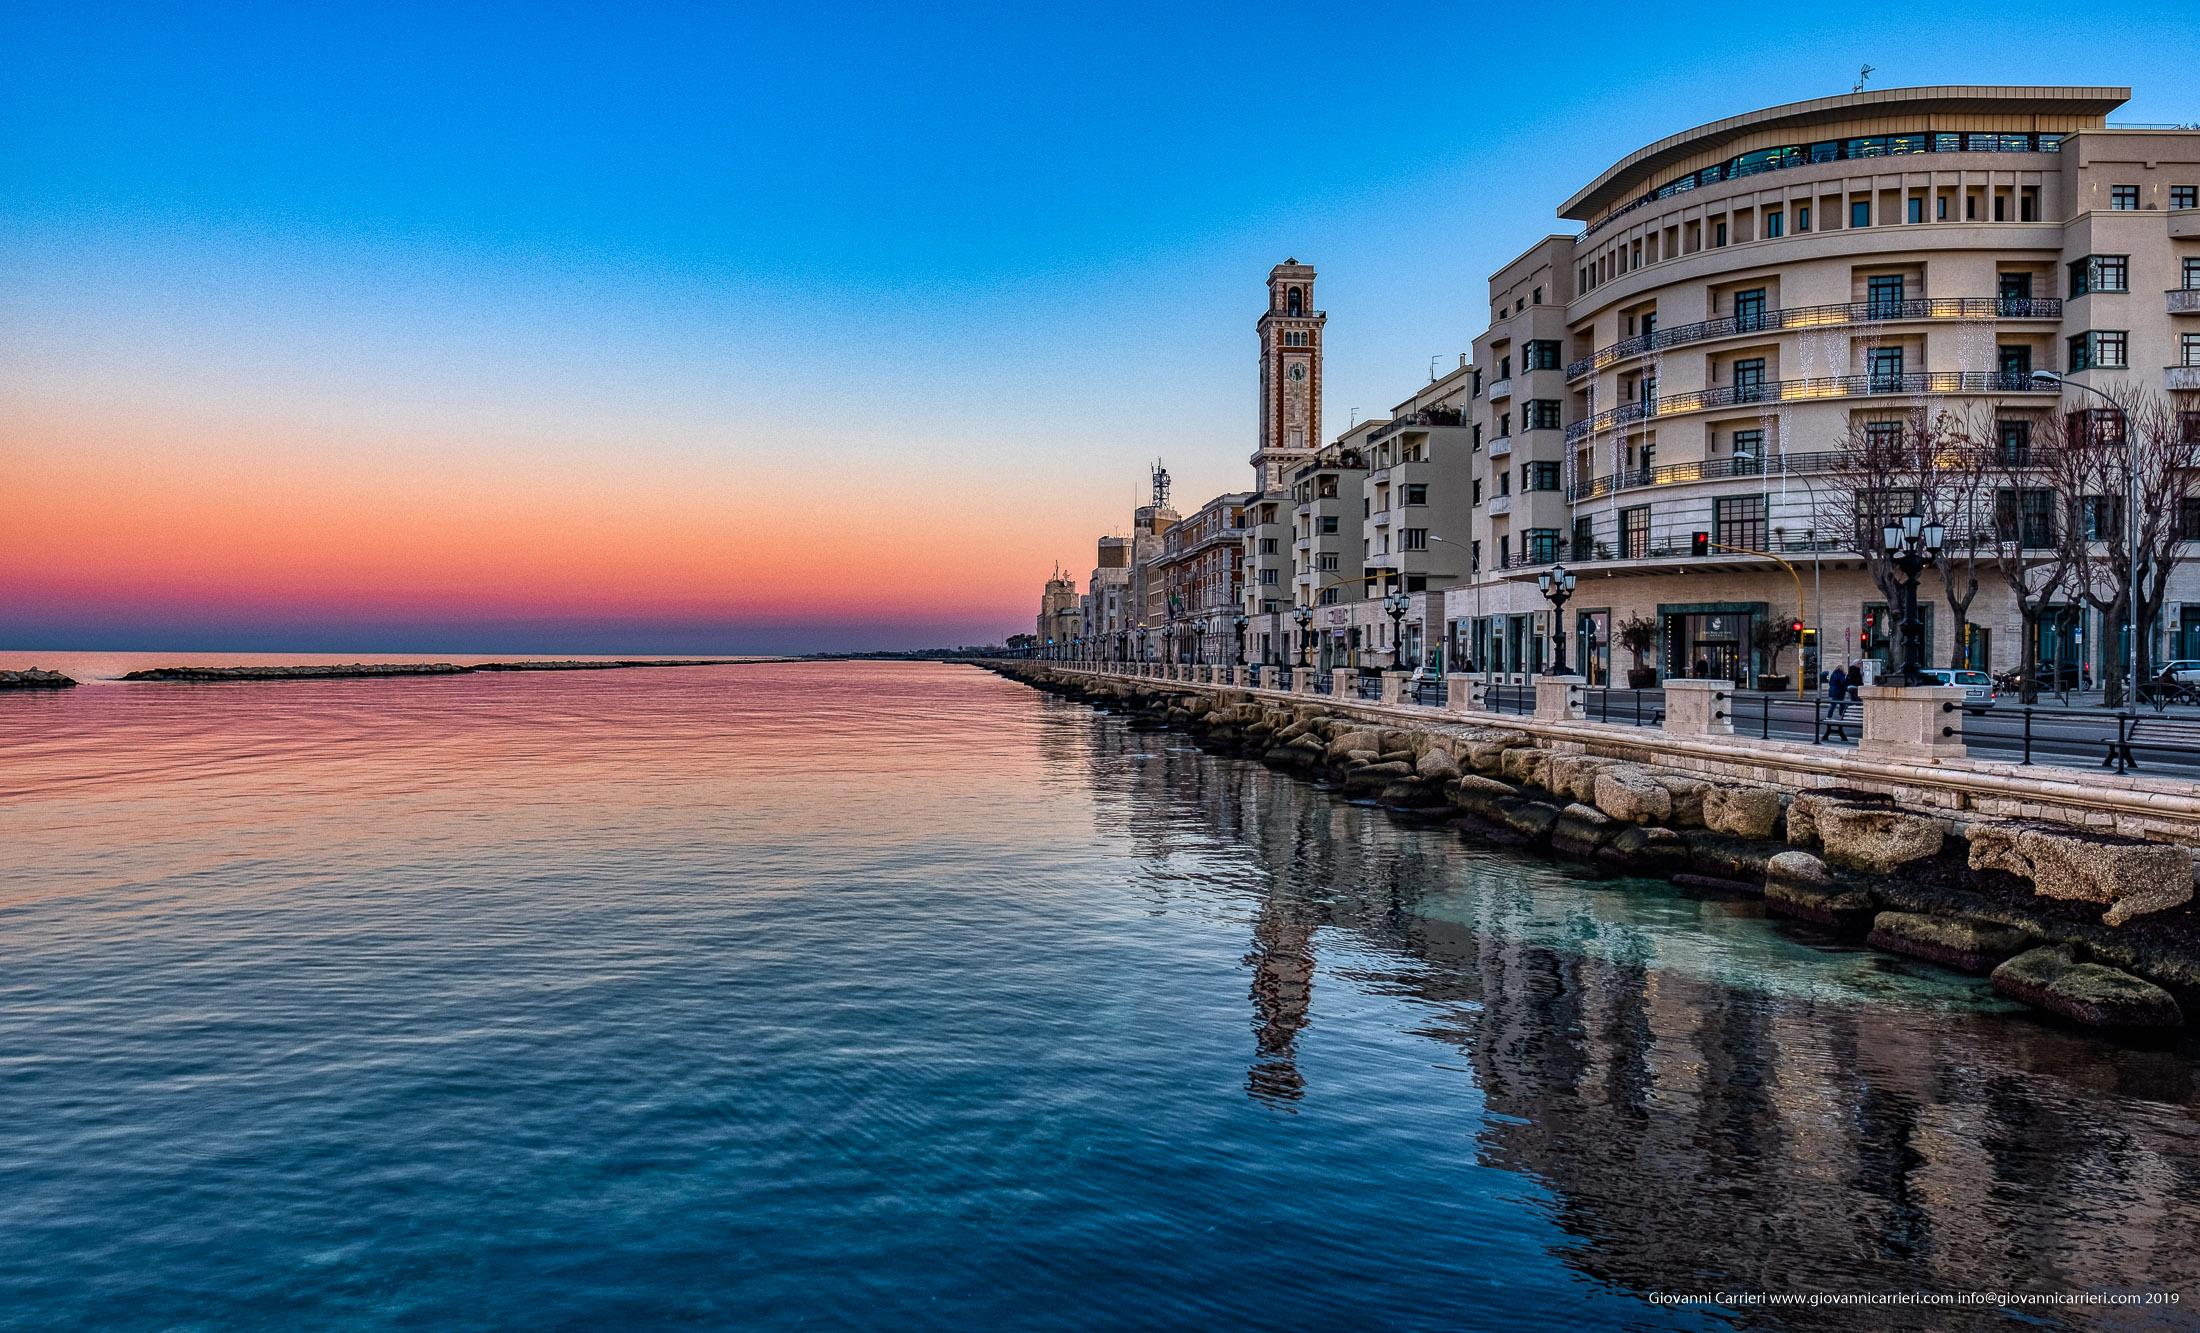 Bari Promenade